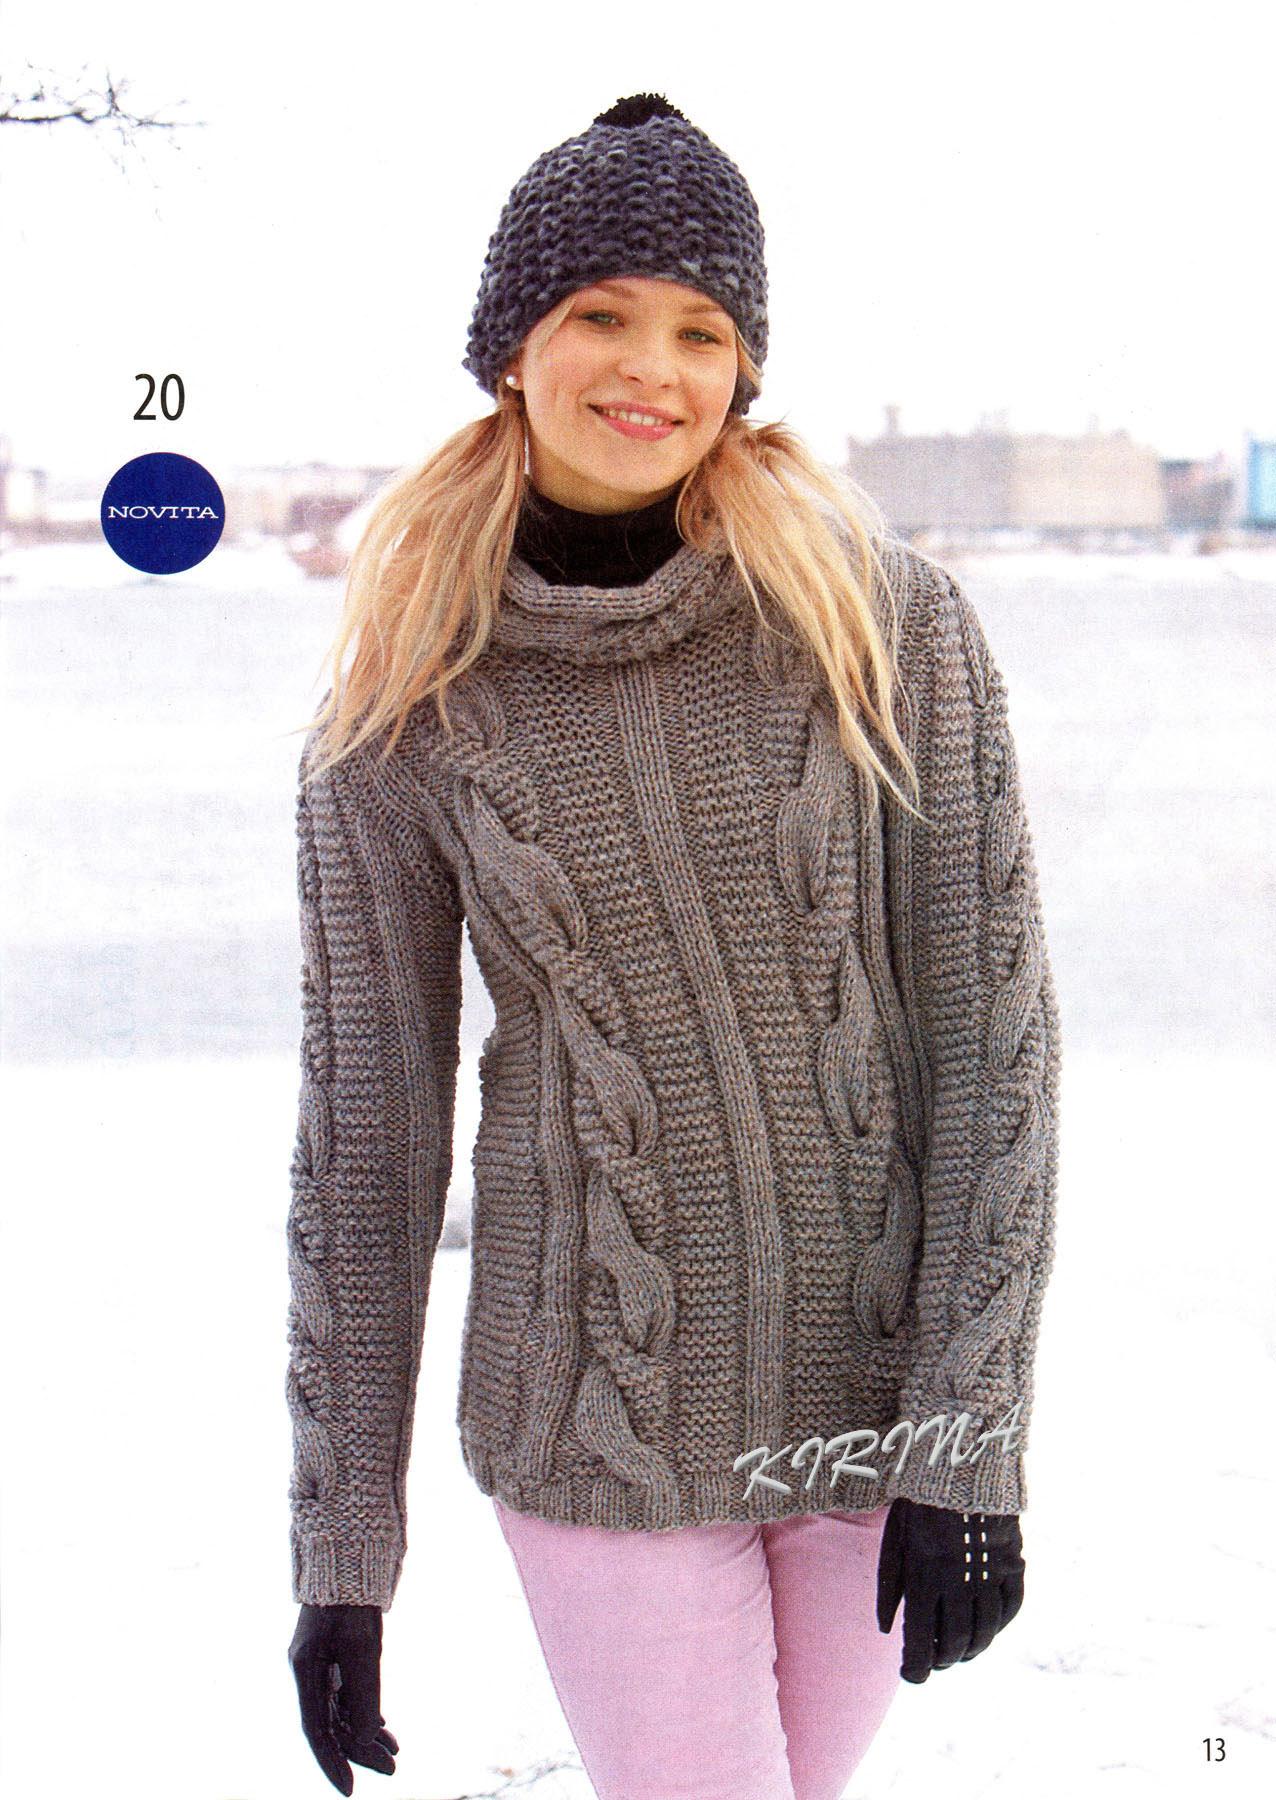 джемпер мужской вязаный спицами модели 2013 2014 сумки